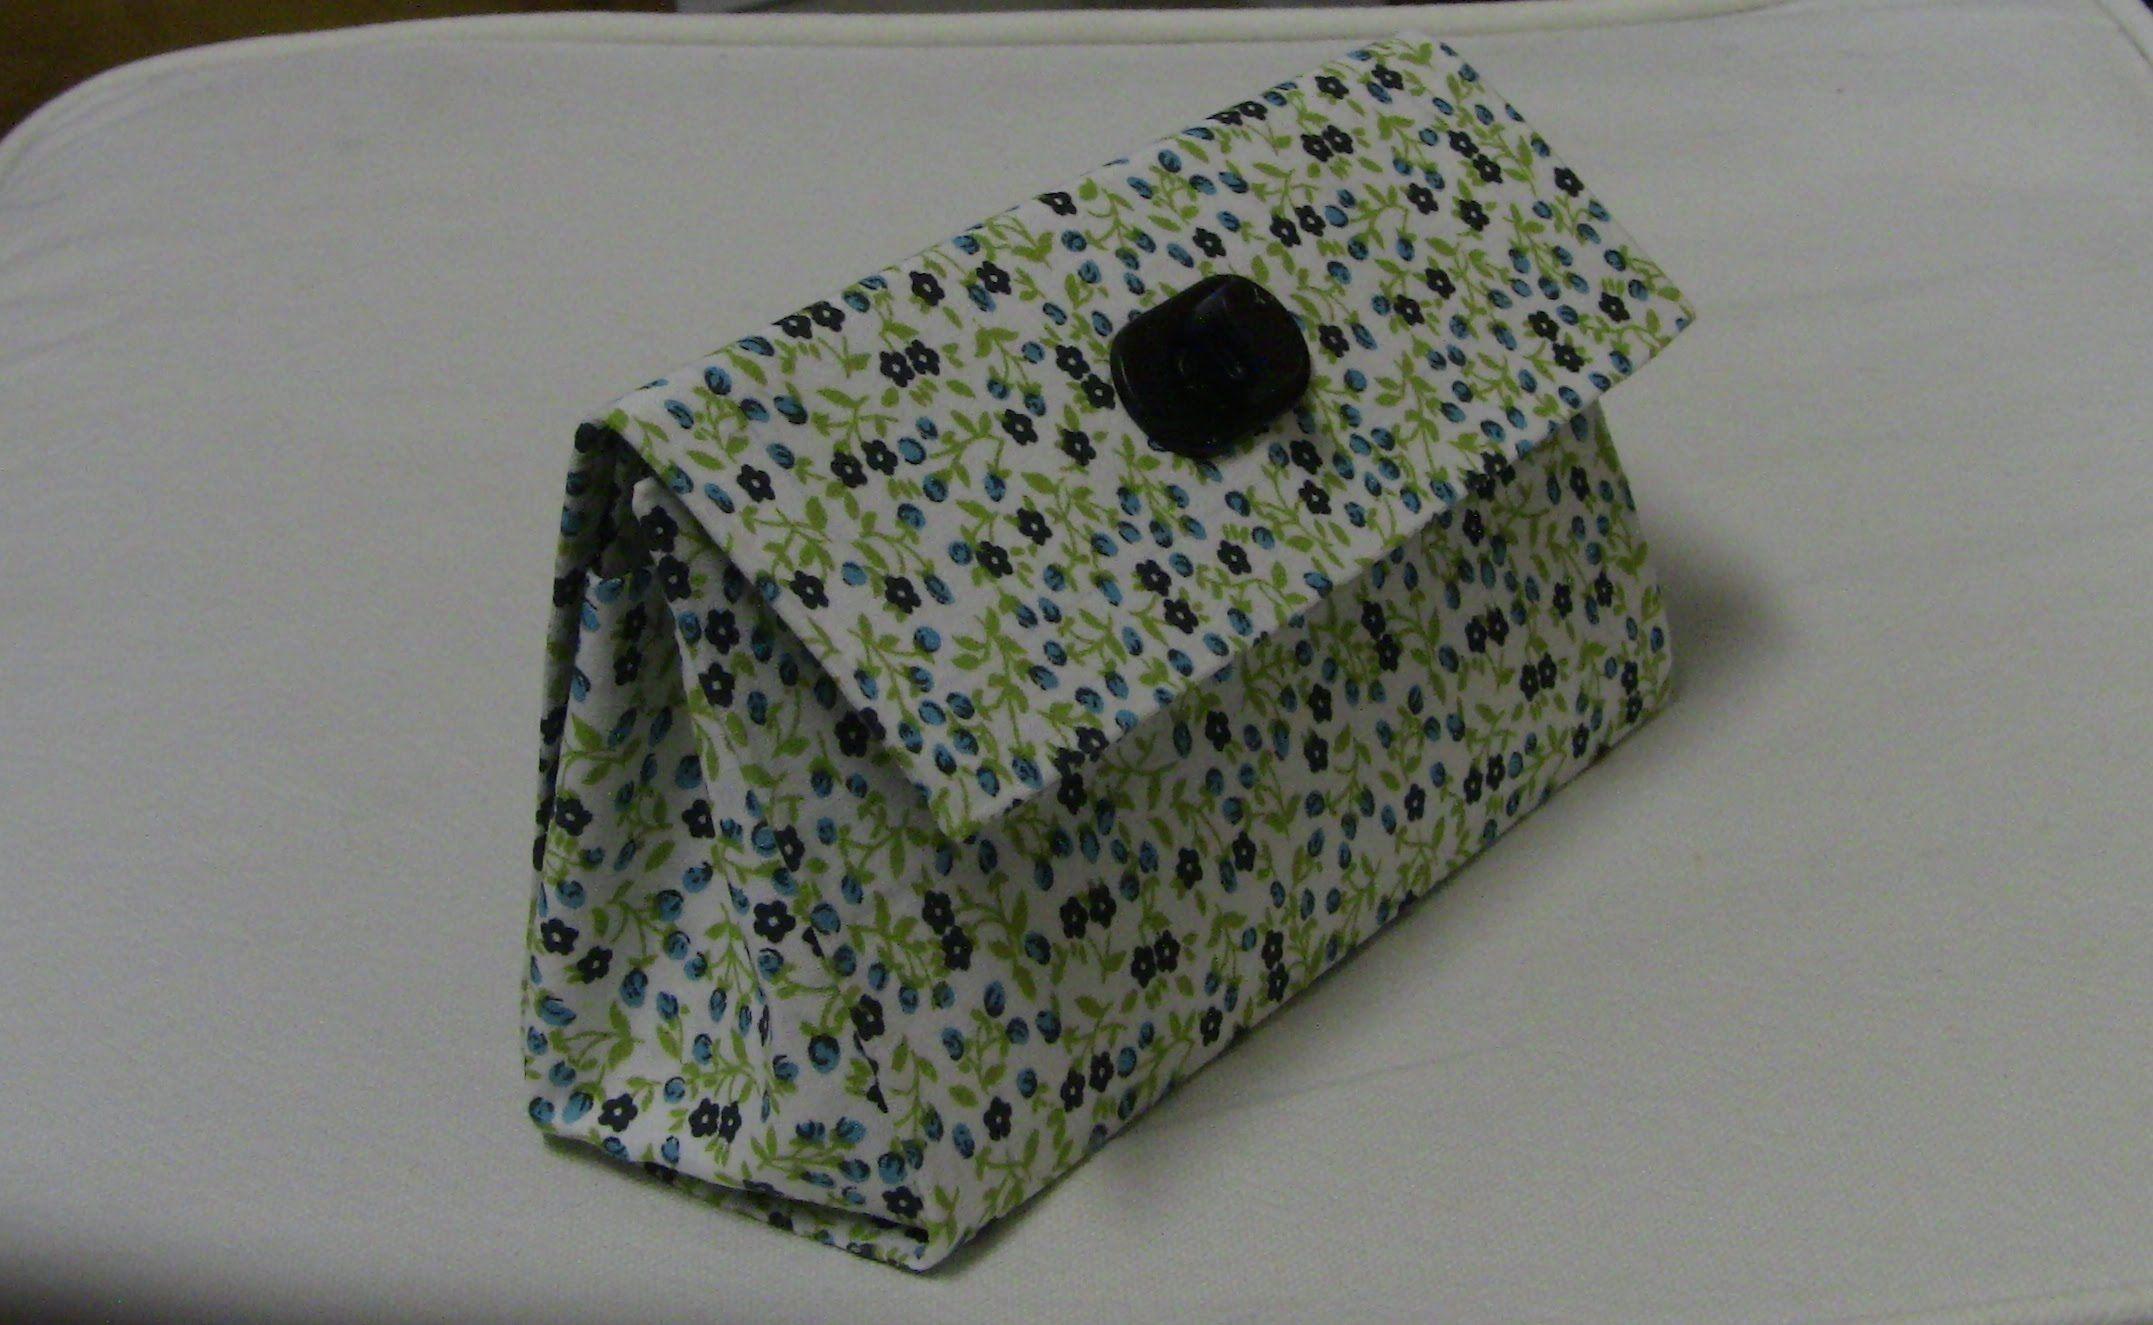 Bolsa De Mão Para Festa Passo A Passo : Bolsa de mao com caixa leite passo a carteira